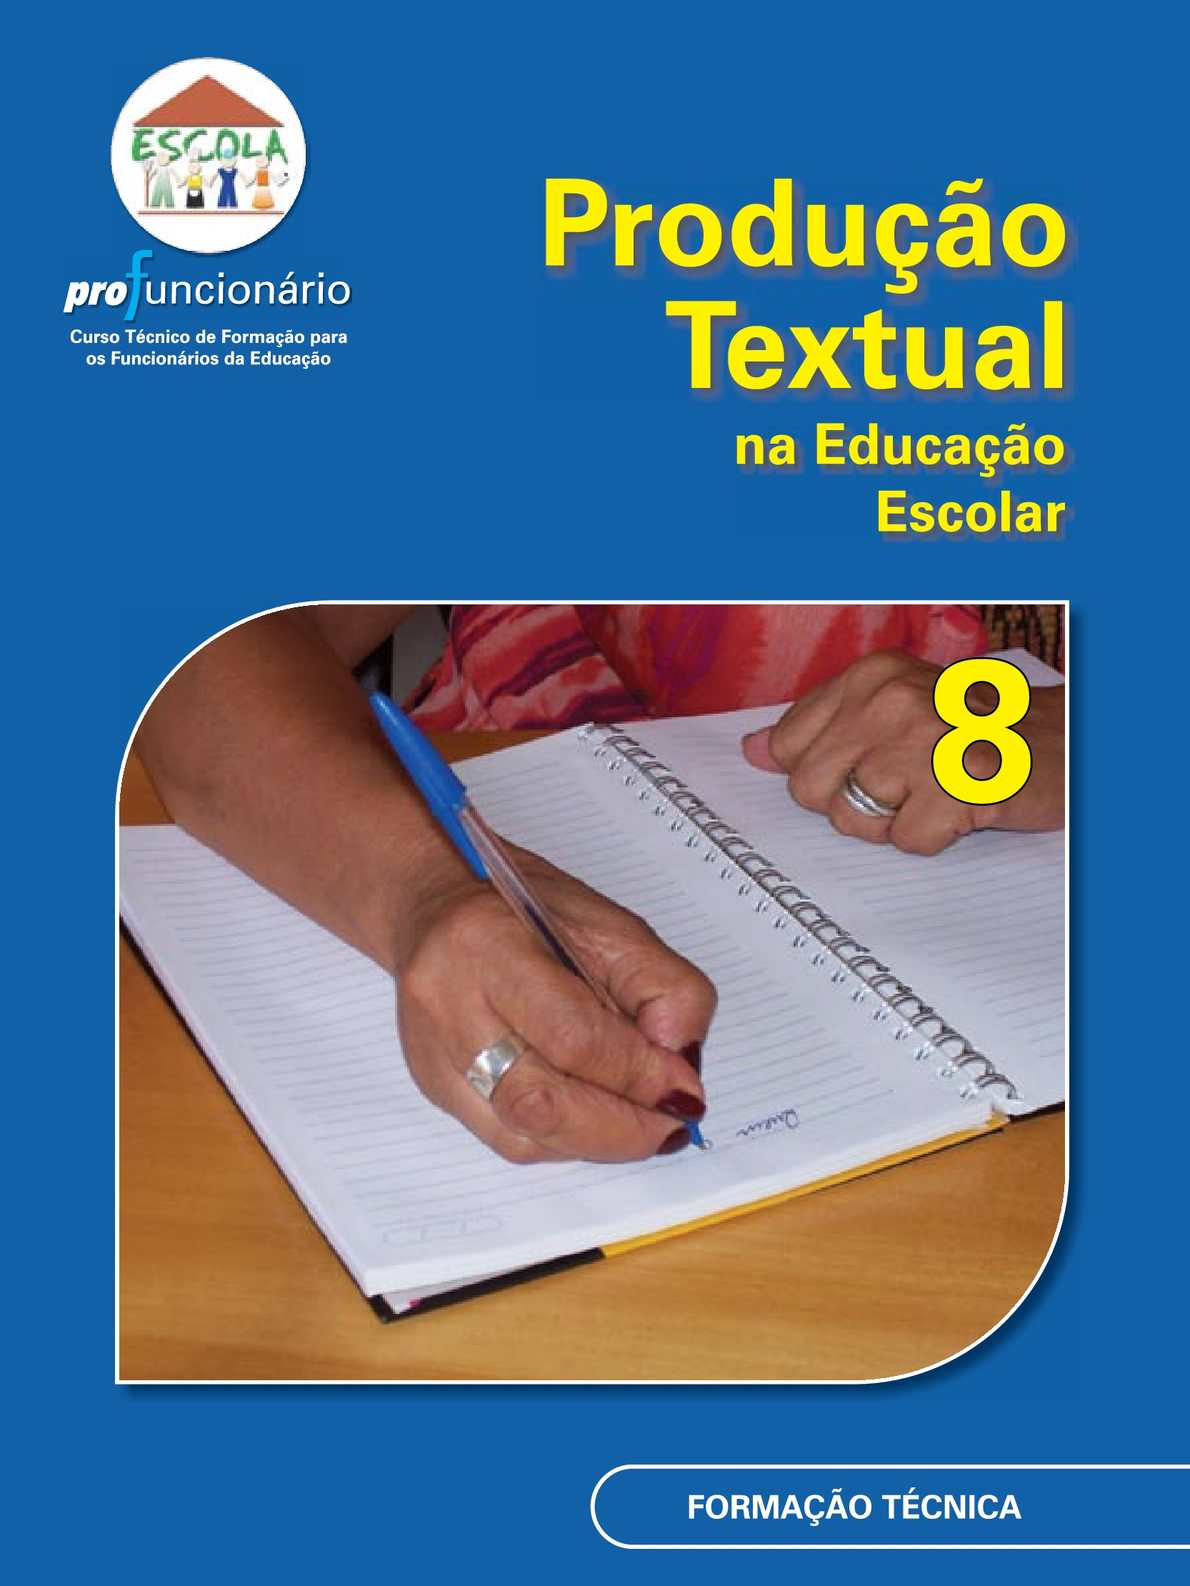 Produção Textual na Educação Escolar